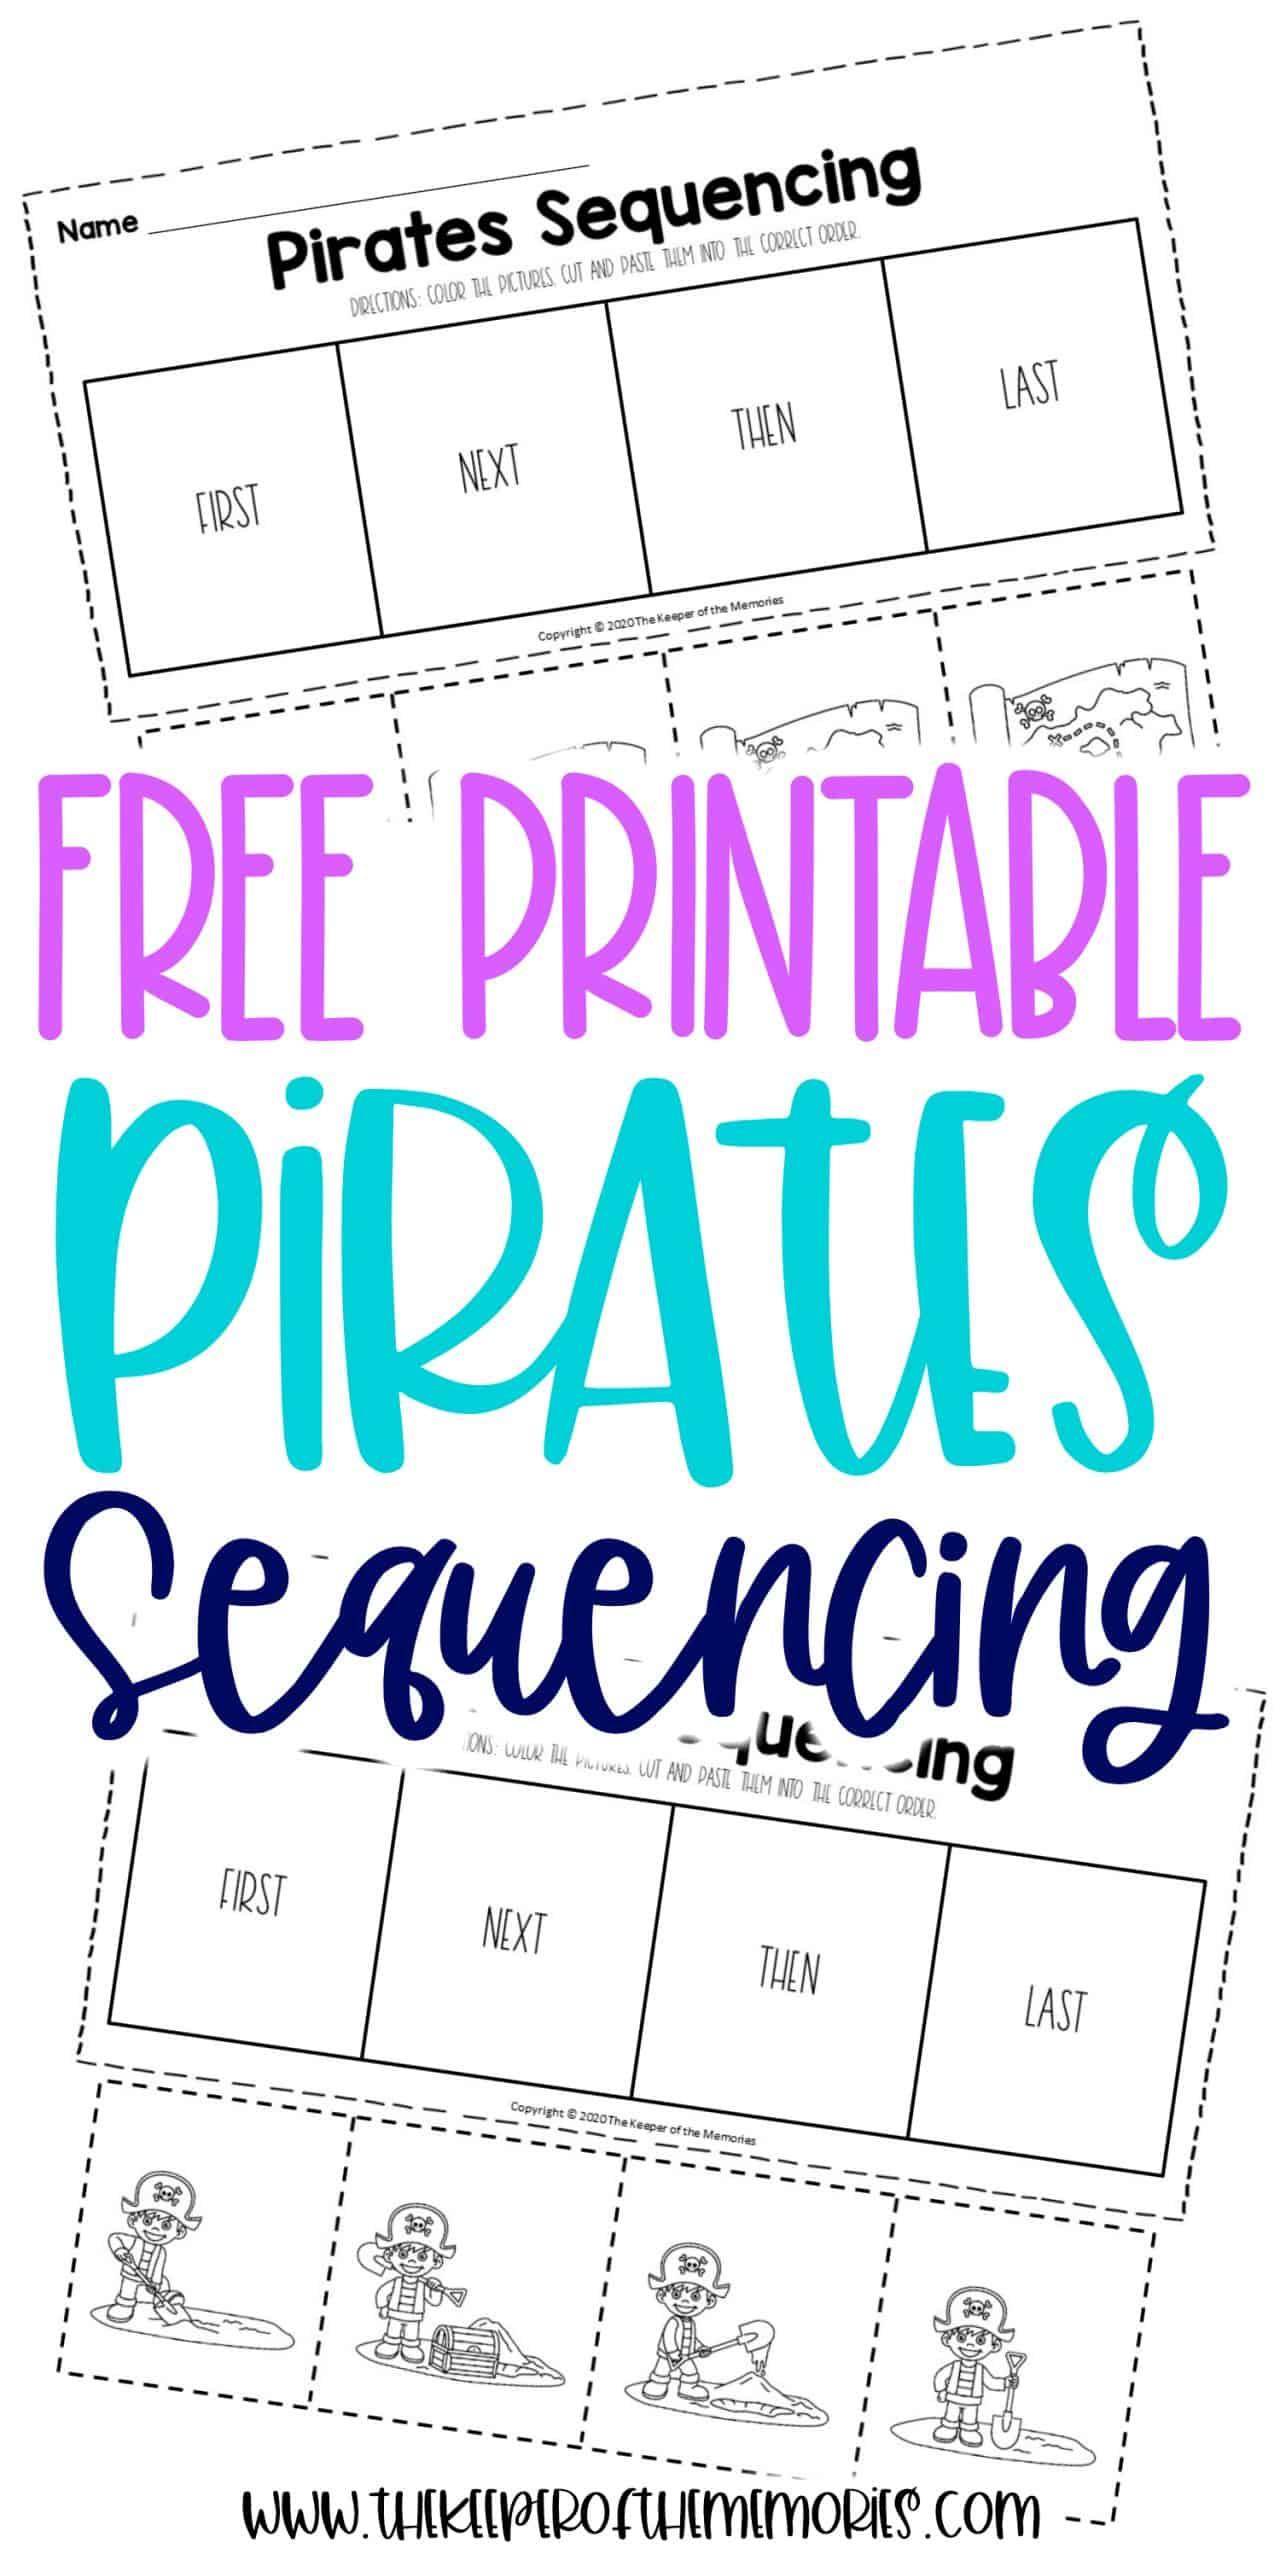 Free Printable Sequencing Activities for Preschoolers